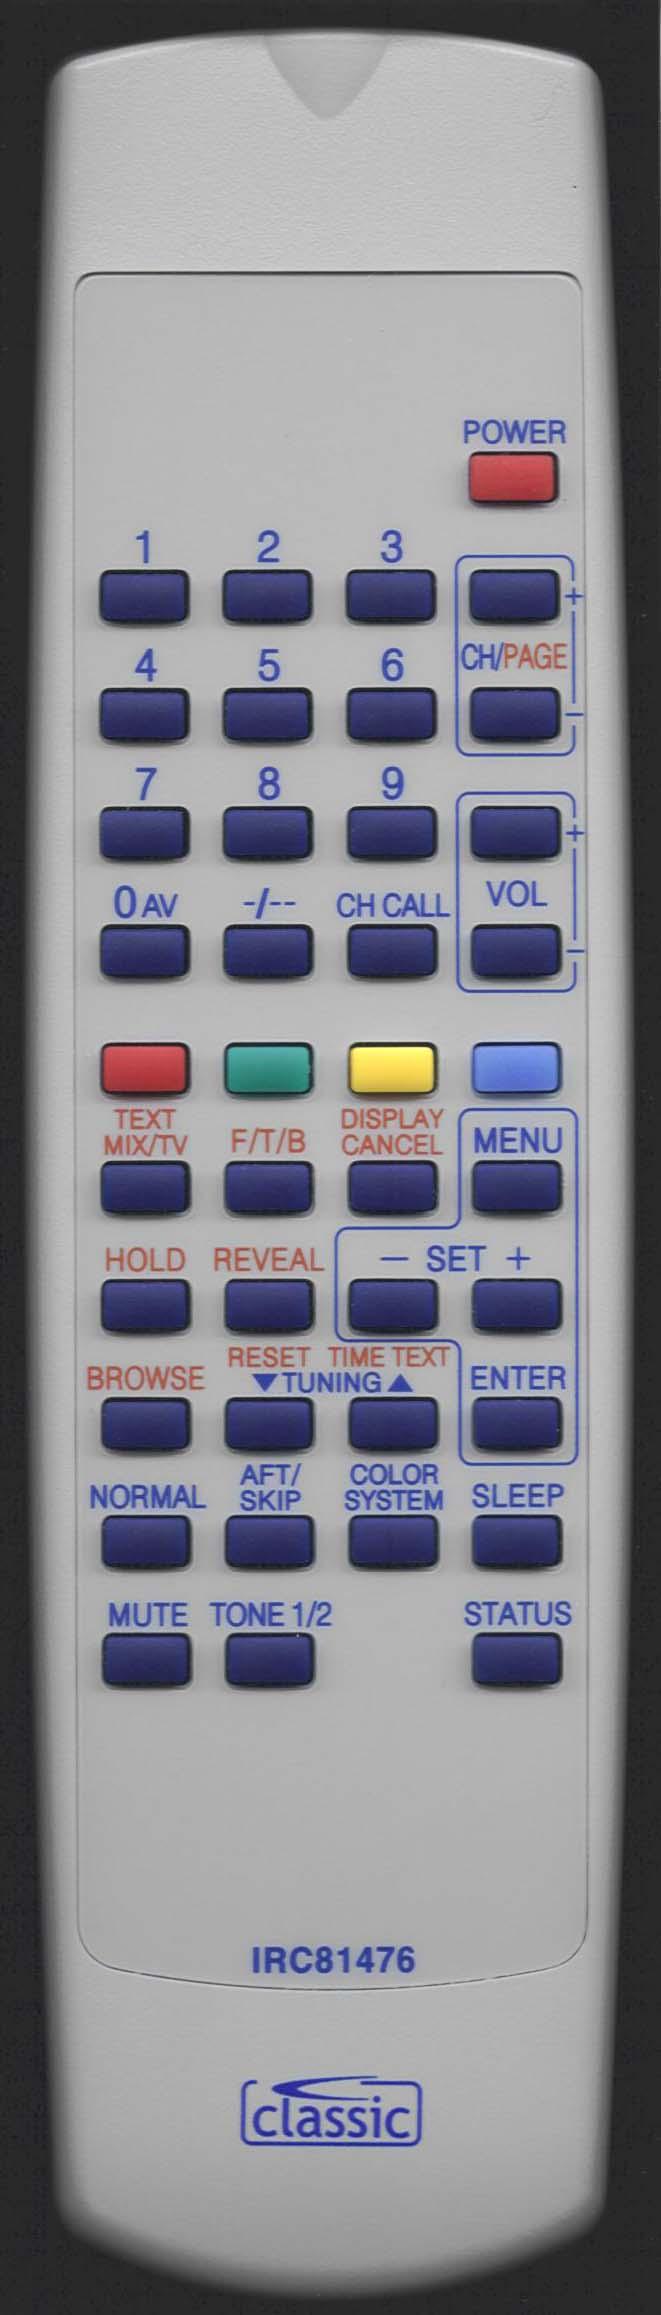 MATSUI 1408 T Remote Control